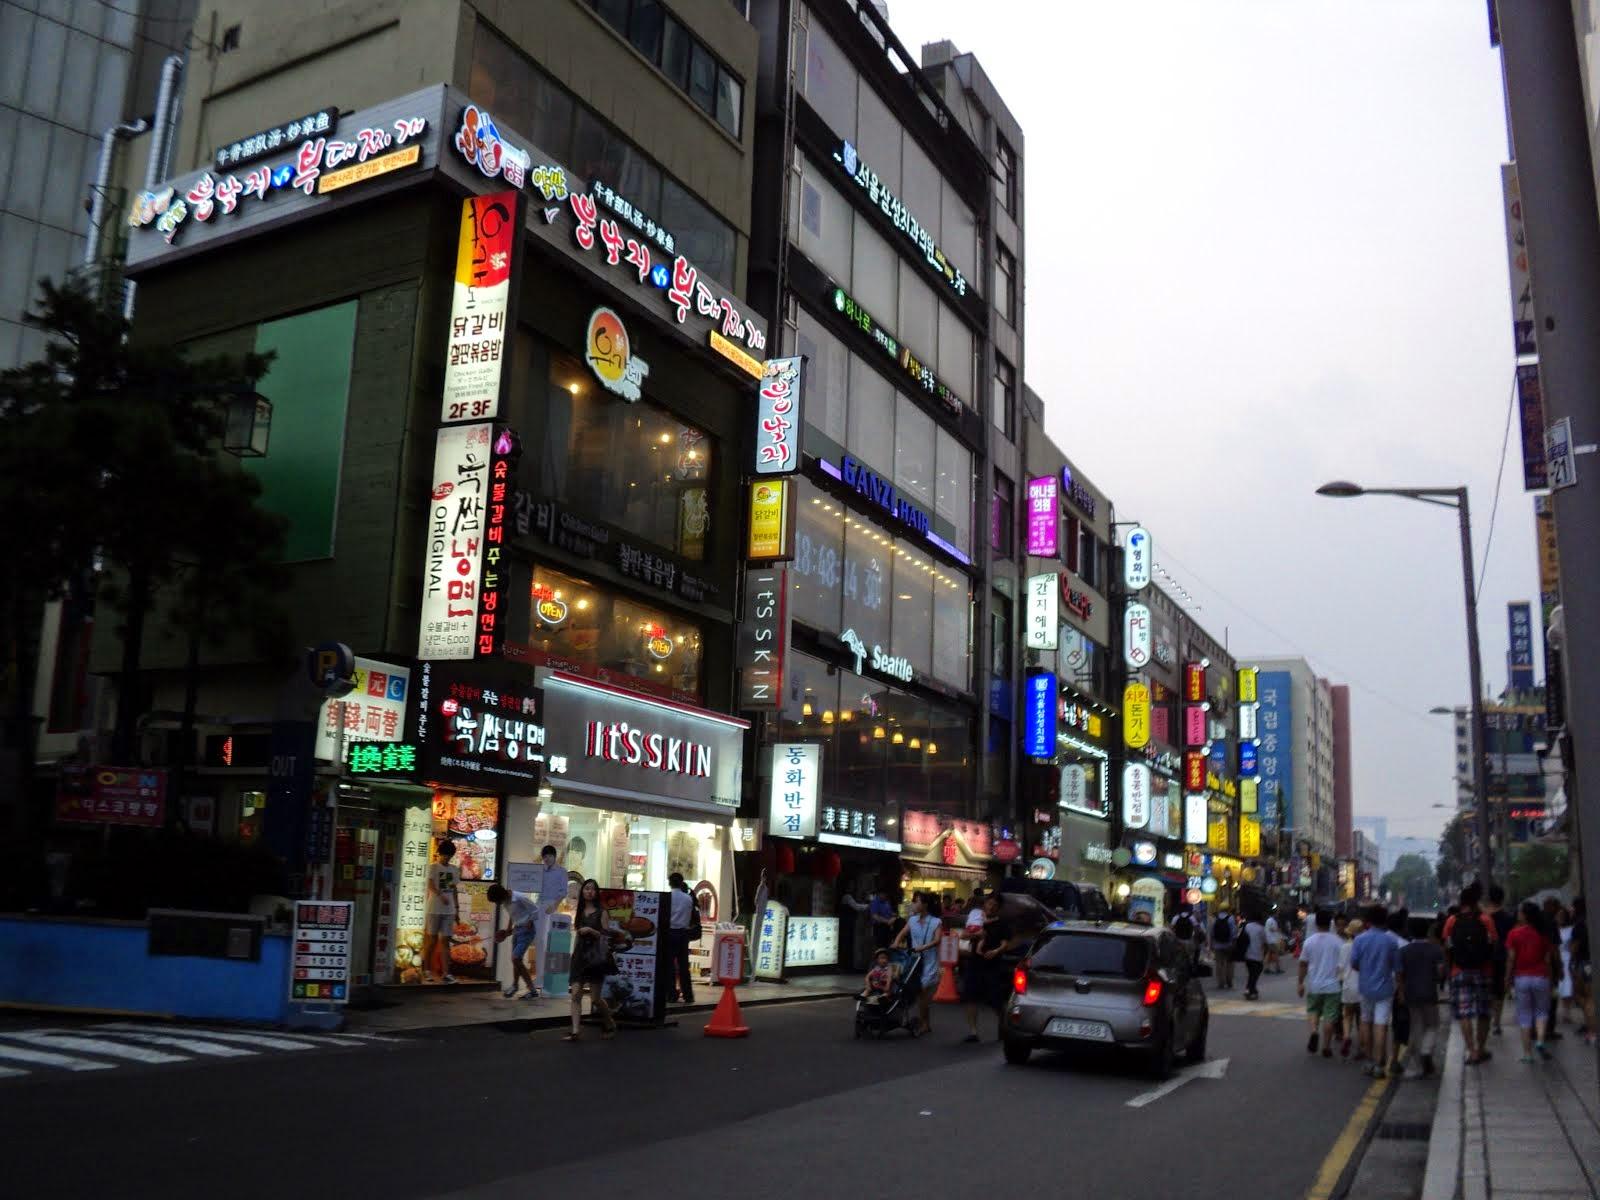 เที่ยวเกาหลี(กับทัวร์) 3